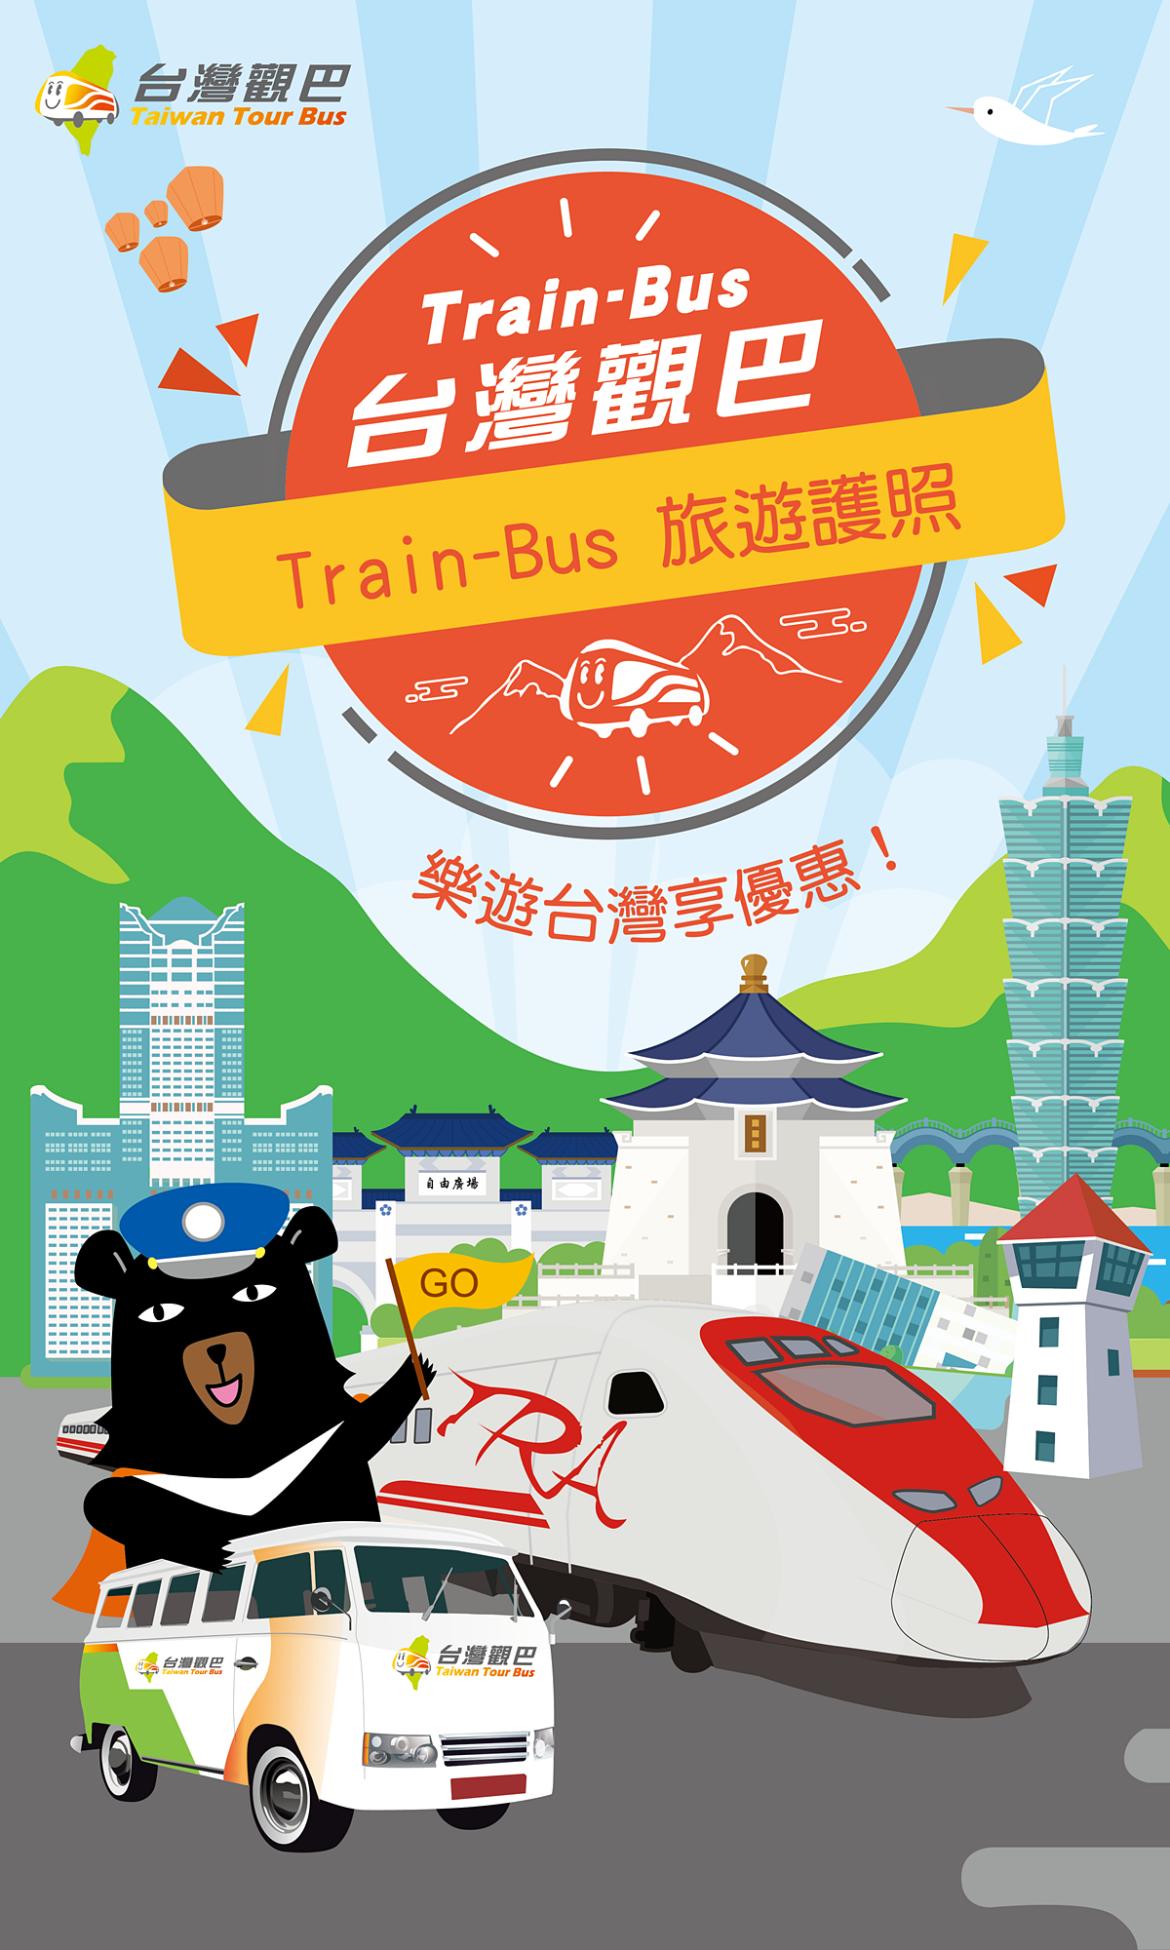 台灣觀光巴士3天2夜花蓮旅遊!台鐵+台灣觀巴花蓮套裝行程,輕鬆自由的假期!